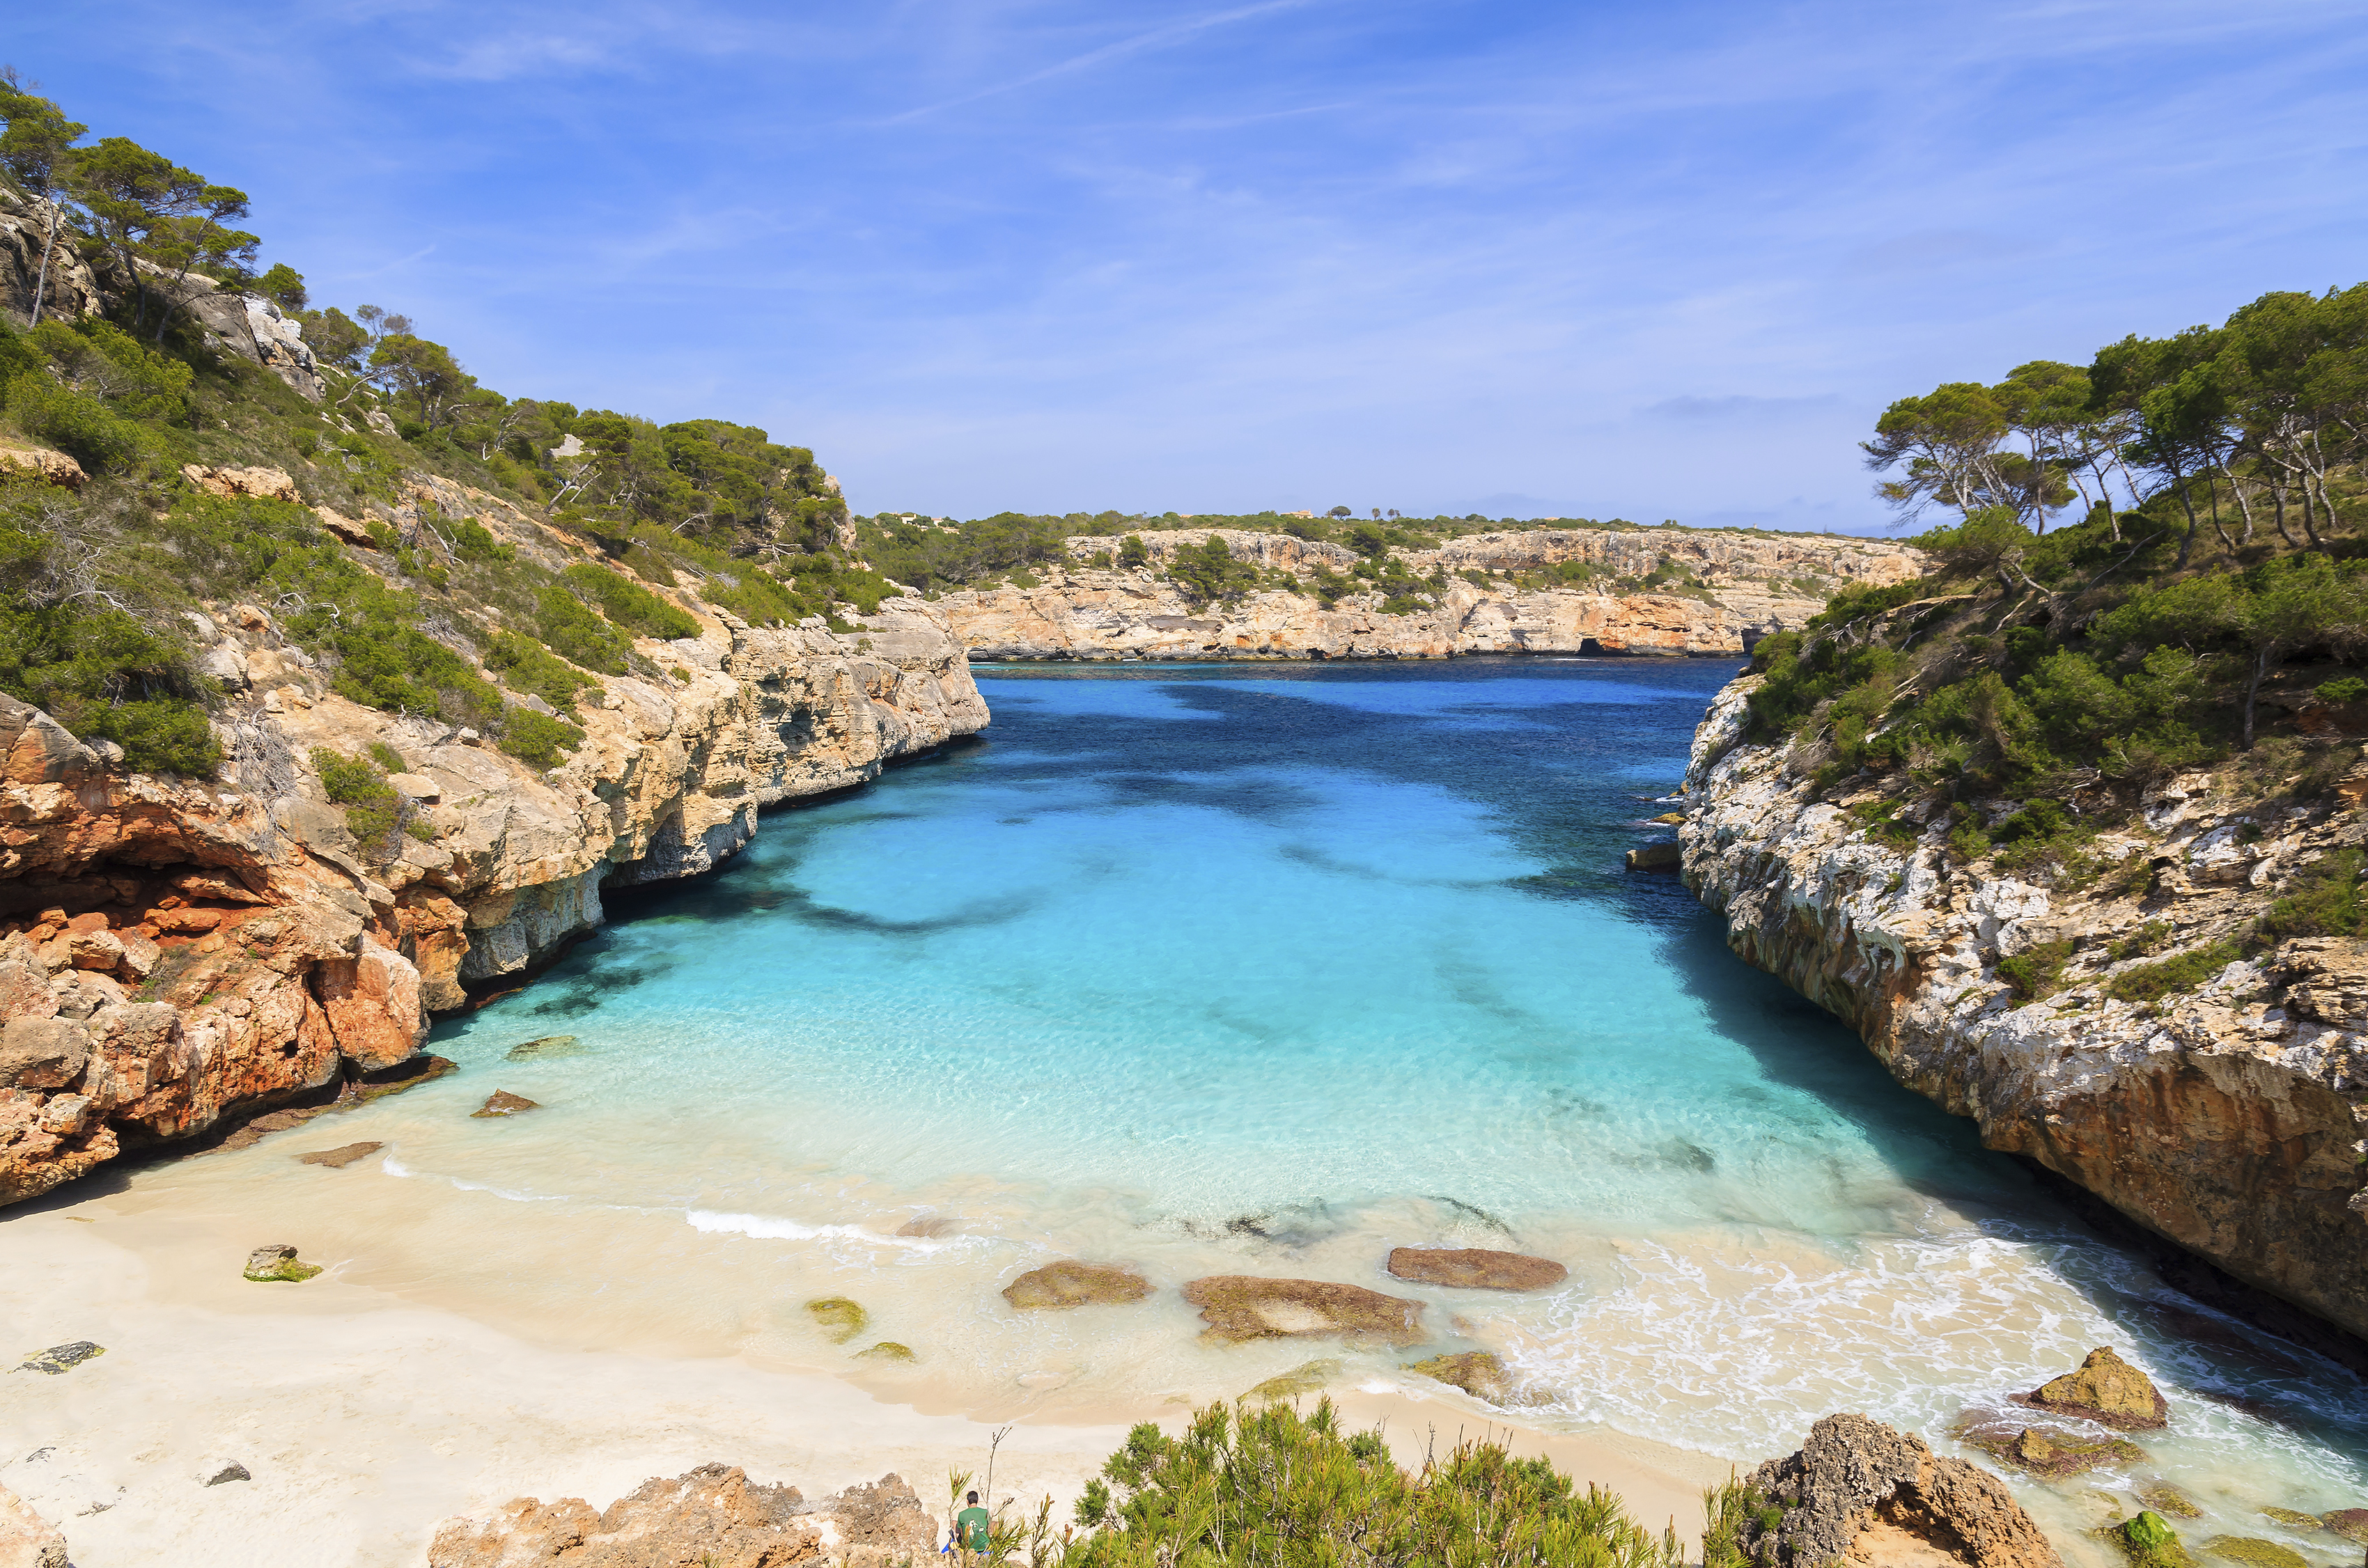 Mapa De Mallorca Calas.Las 10 Playas Mas Cristalinas De Mallorca Skyscanner Espana